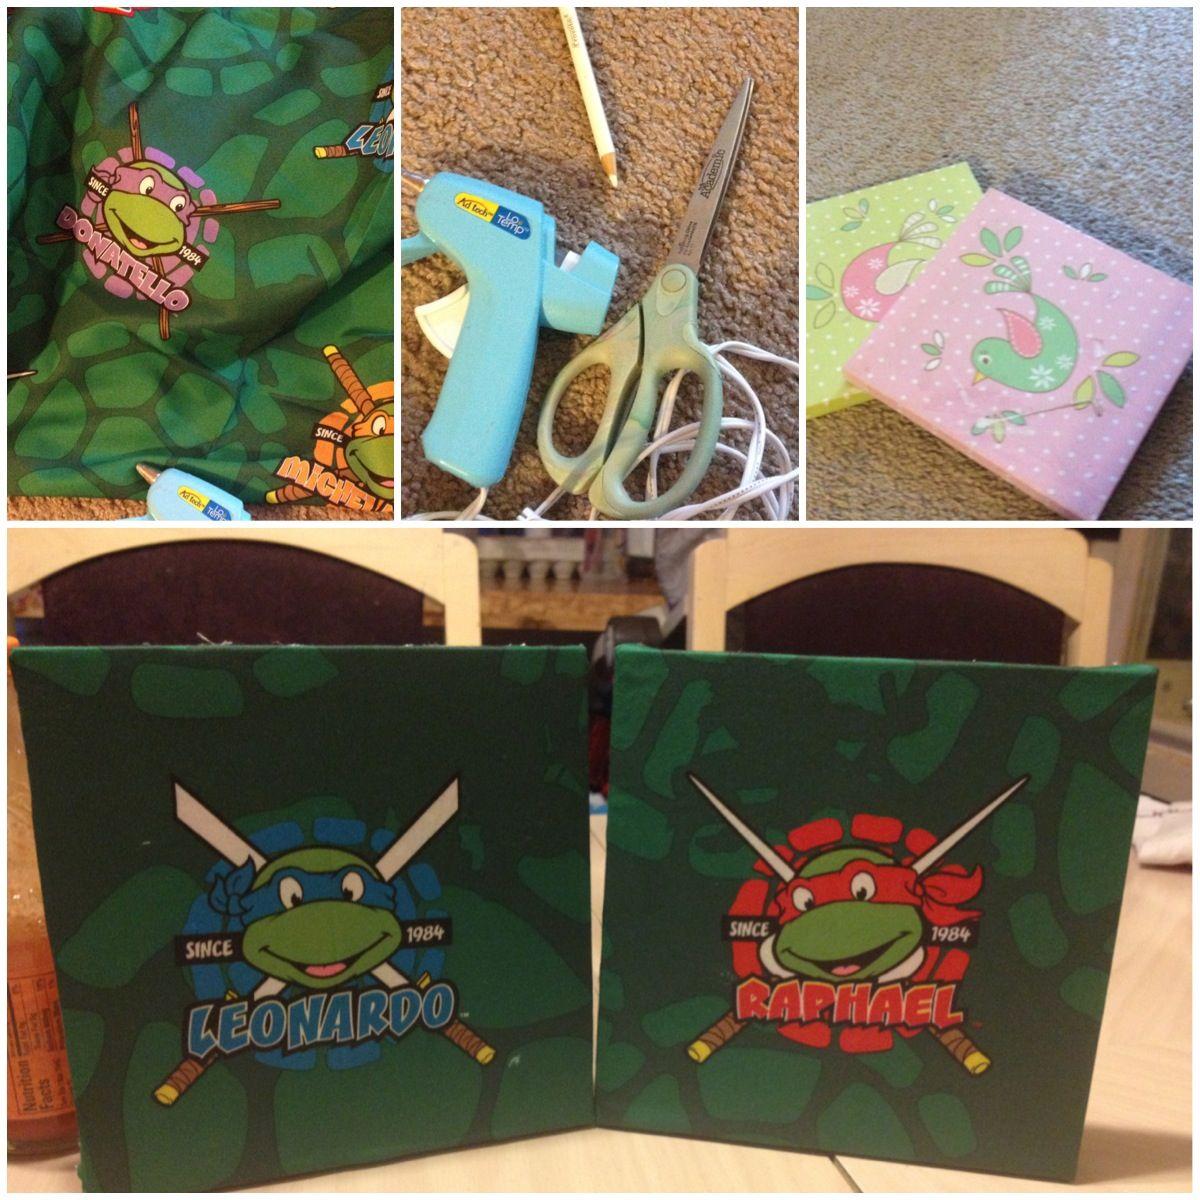 Ninja Turtle Bedroom Decor Teenage Mutant Ninja Turtles Bedroom Ideas Storage Bins Storage